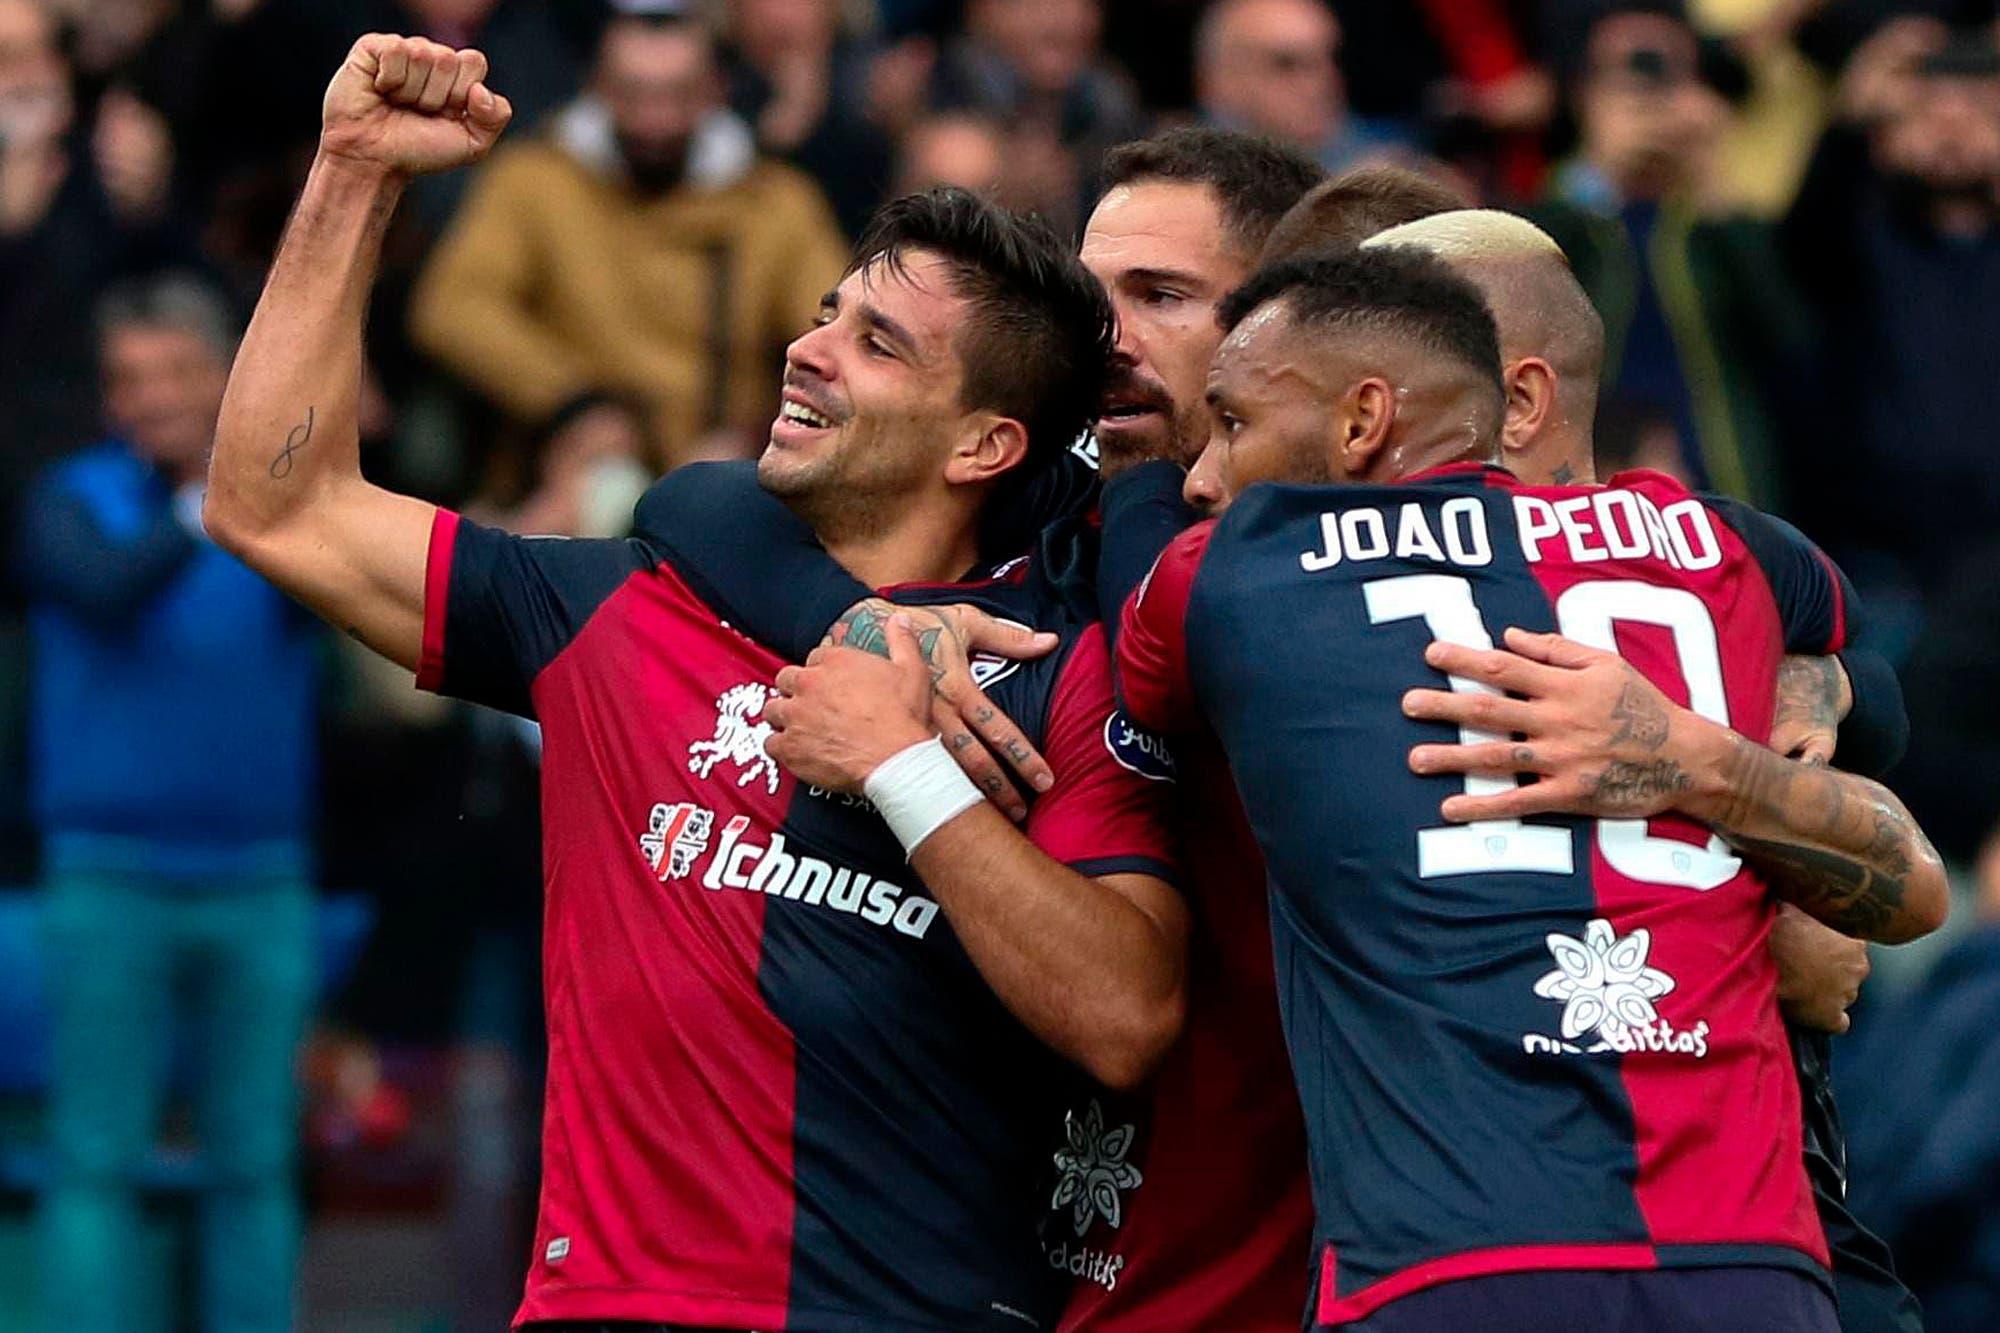 """Goles argentinos en Europa: los gritos de Gio Simeone, Angel y Joaquín Correa, """"Licha"""" Martínez y Paulo Dybala"""